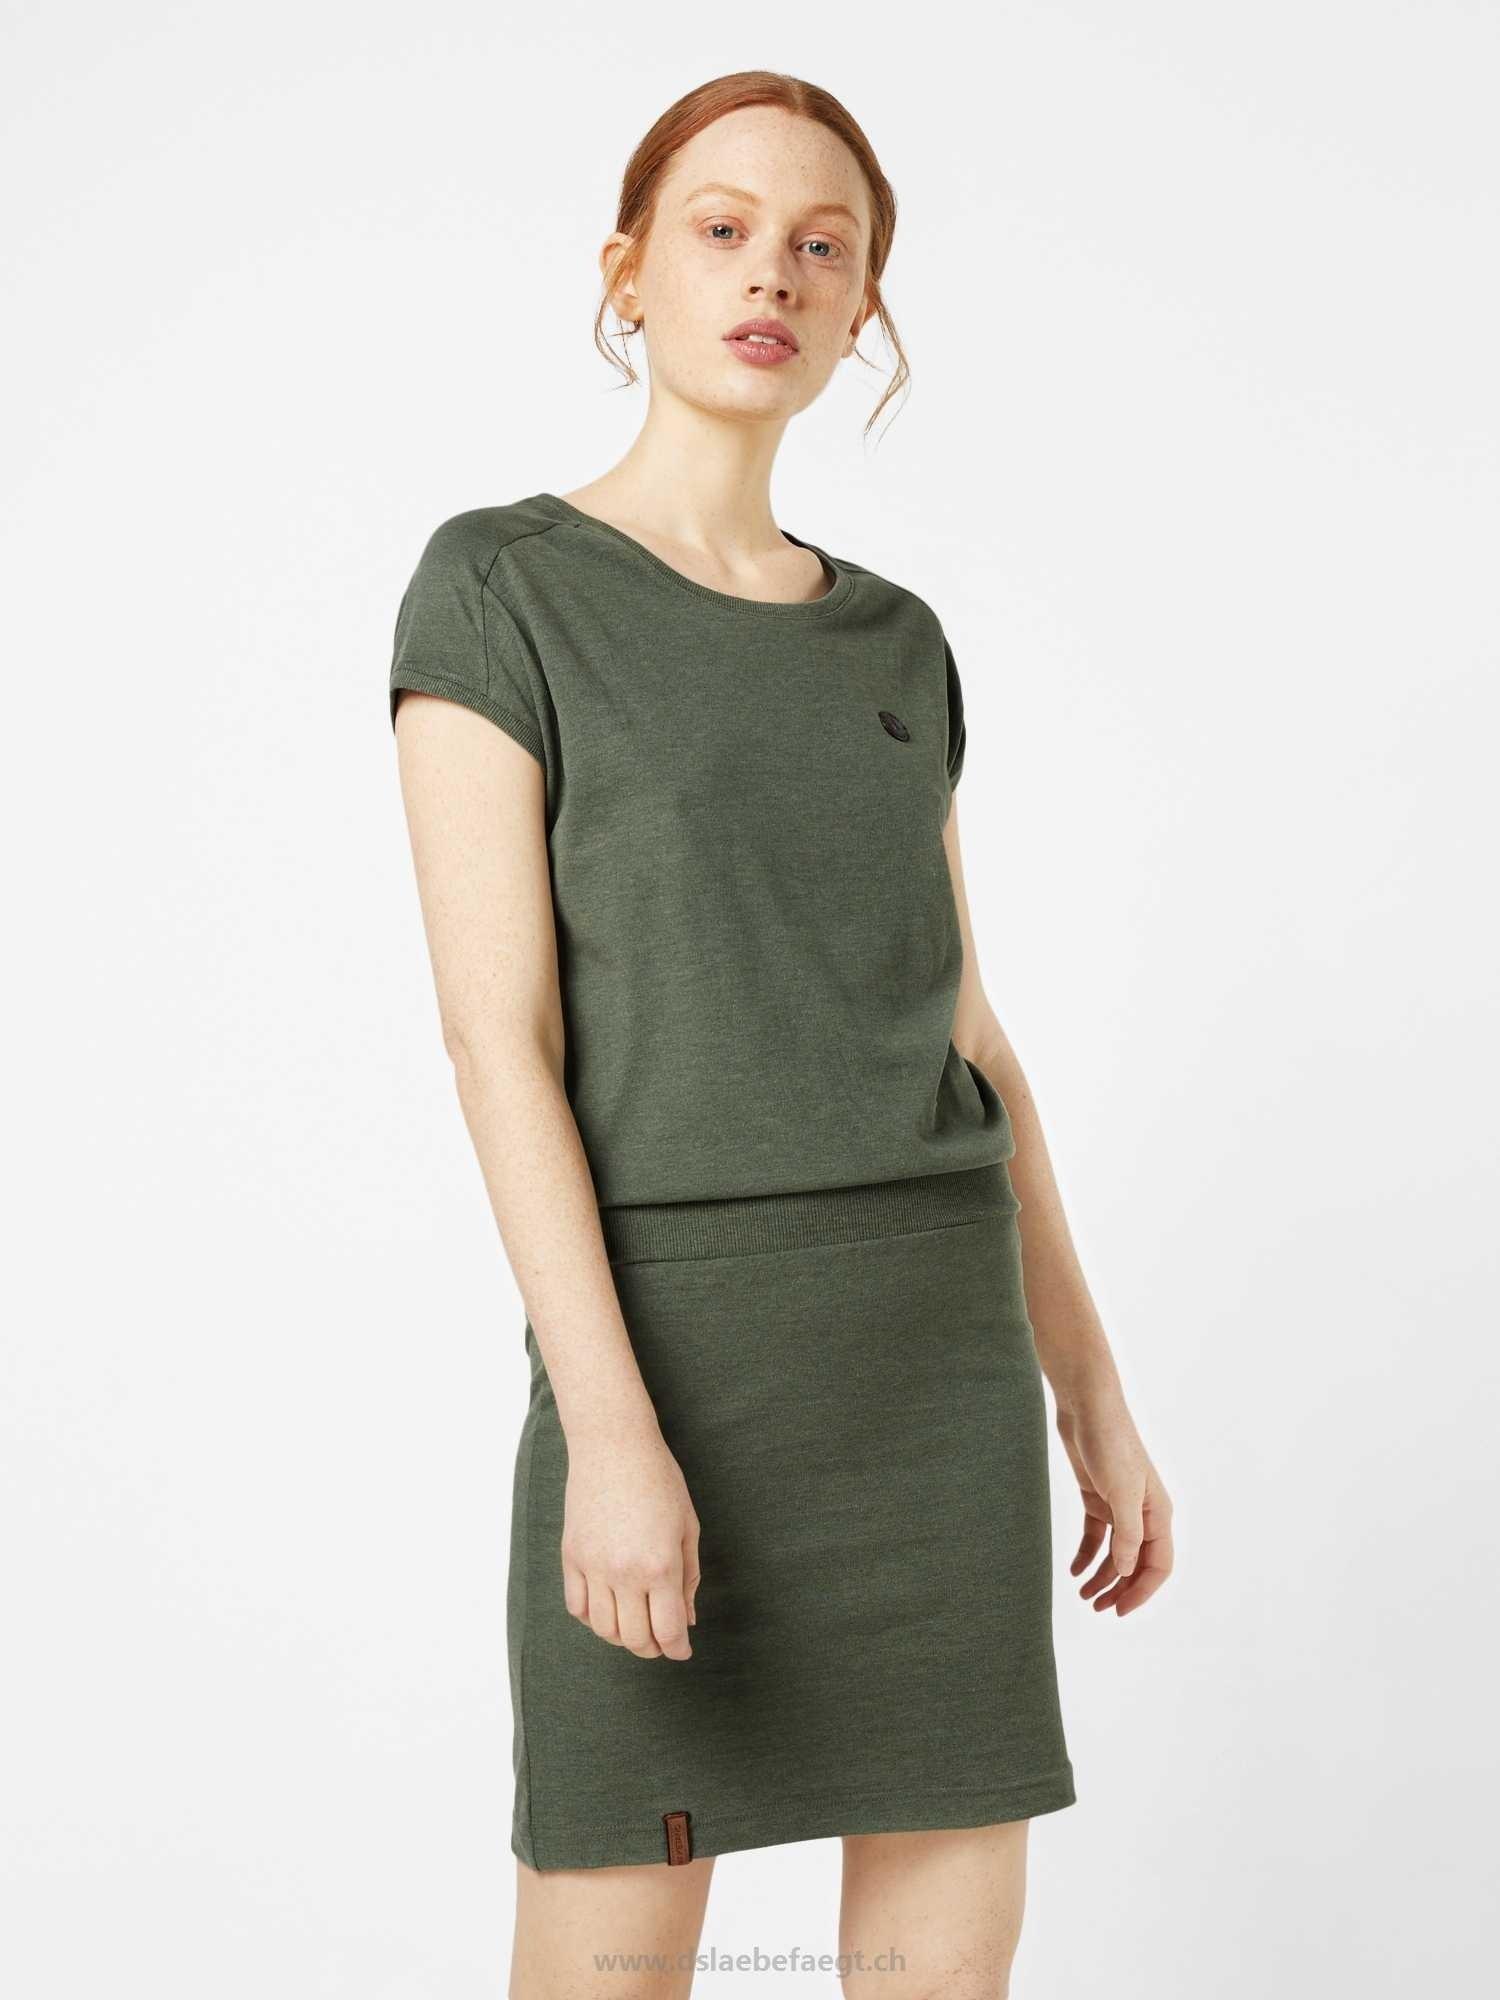 17 Schön Damenkleider Gr 50 Boutique13 Ausgezeichnet Damenkleider Gr 50 Stylish